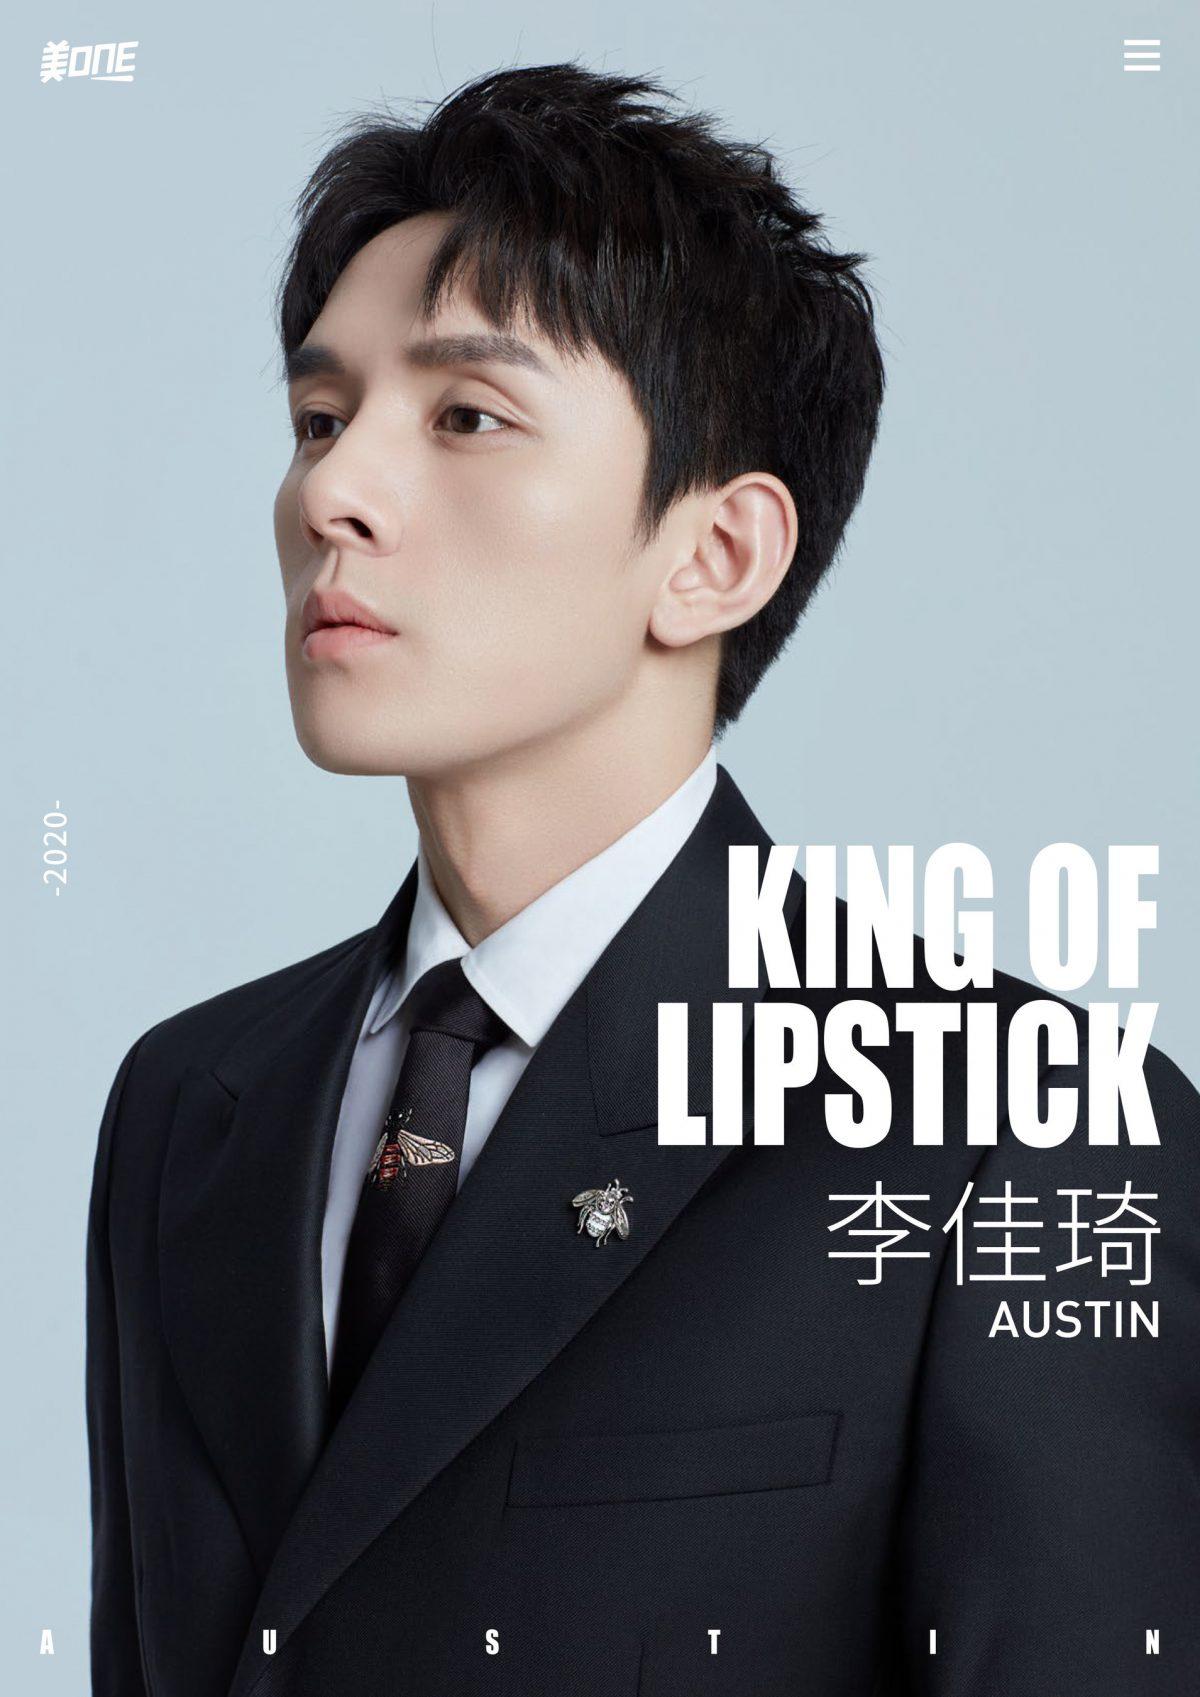 Austin Li, el «rey de los labiales» de China, es reconocido por la revista Time como una de las próximas 100 personas más influyentes